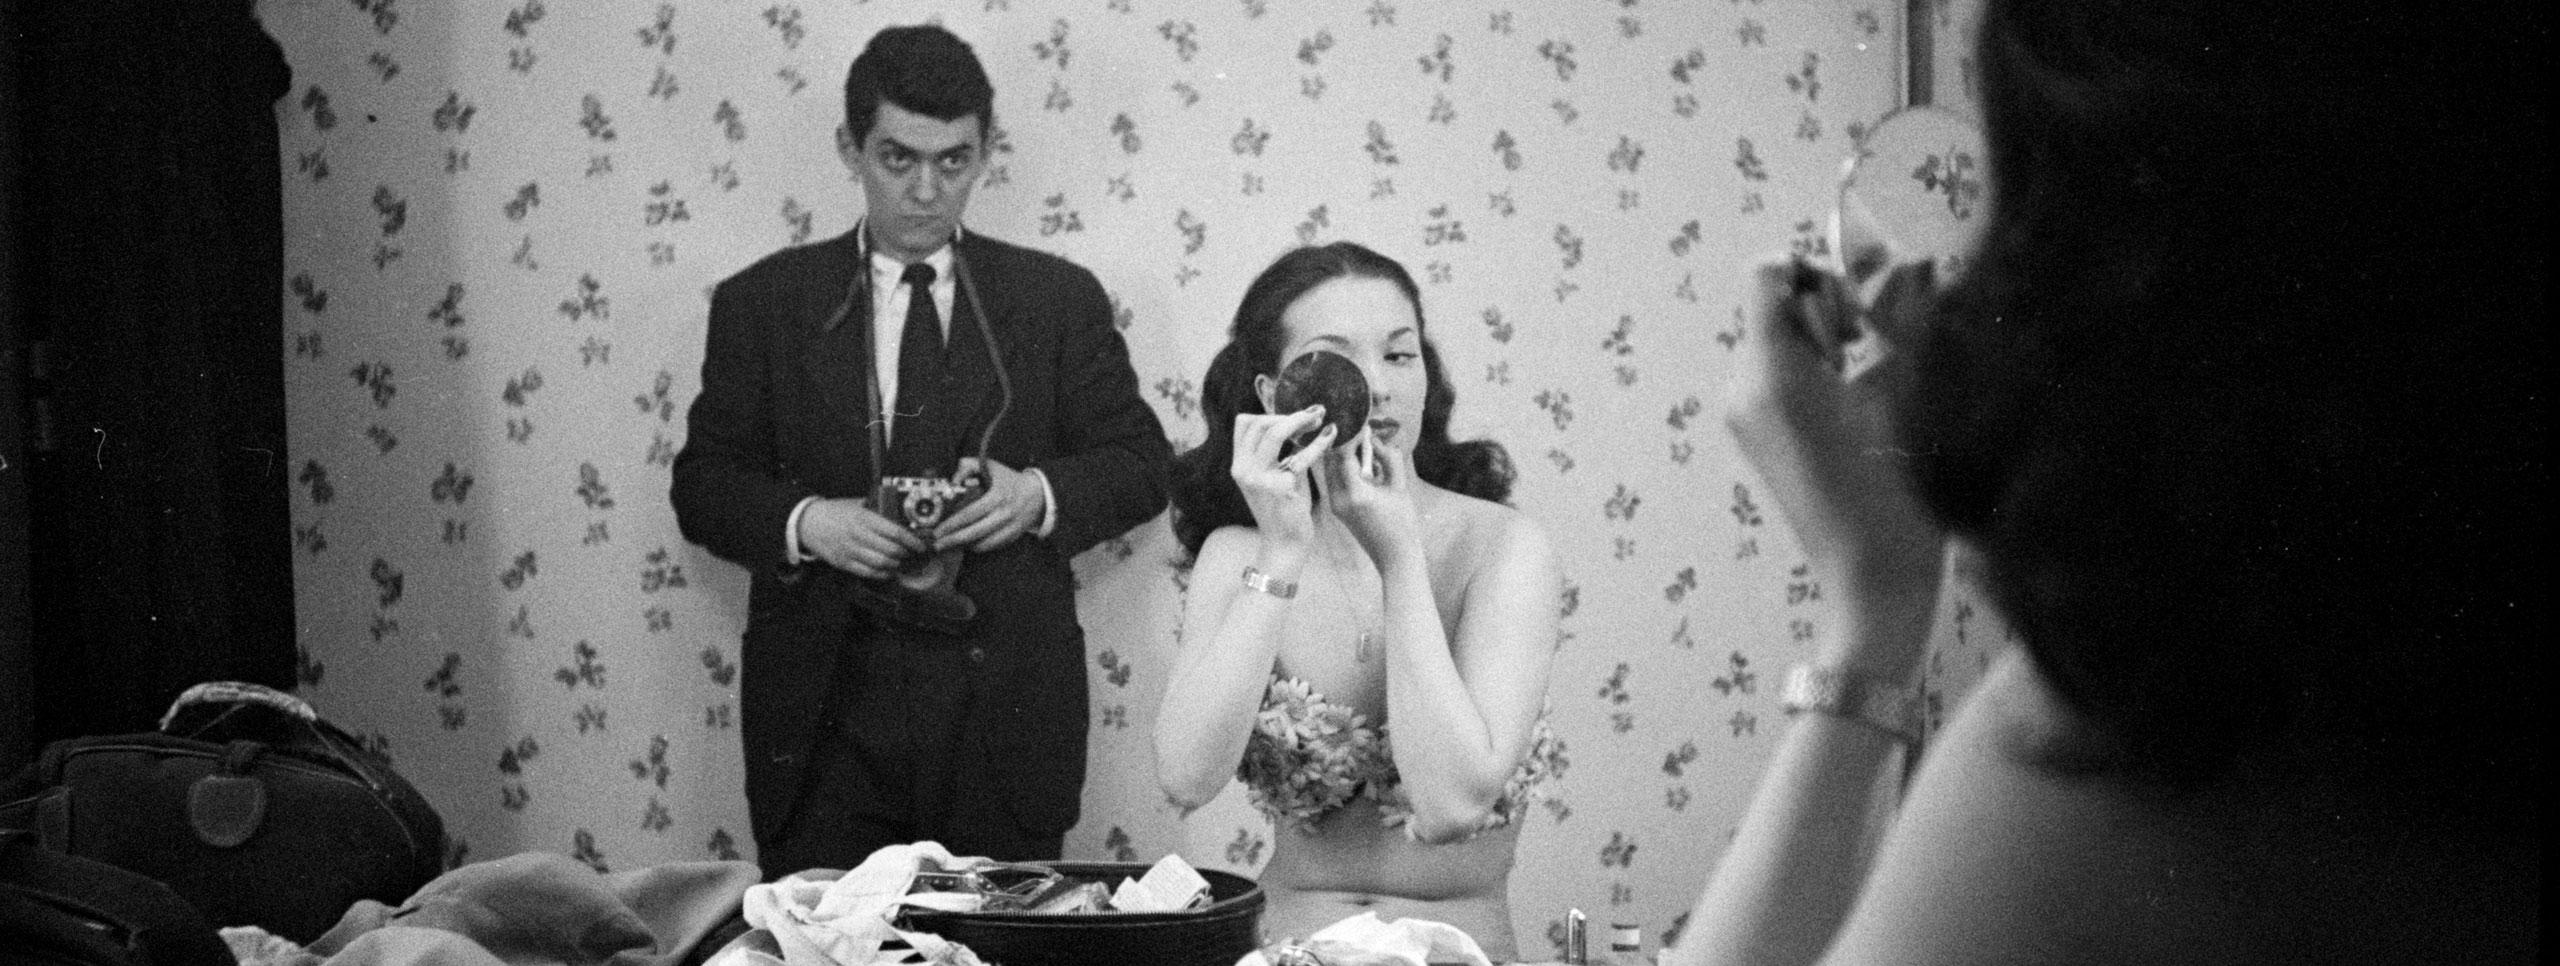 Tomada no reflexo de um espelho, uma mulher usa um espelho compacto para aplicar maquiagem, enquanto o fotógrafo fica atrás dela assistindo